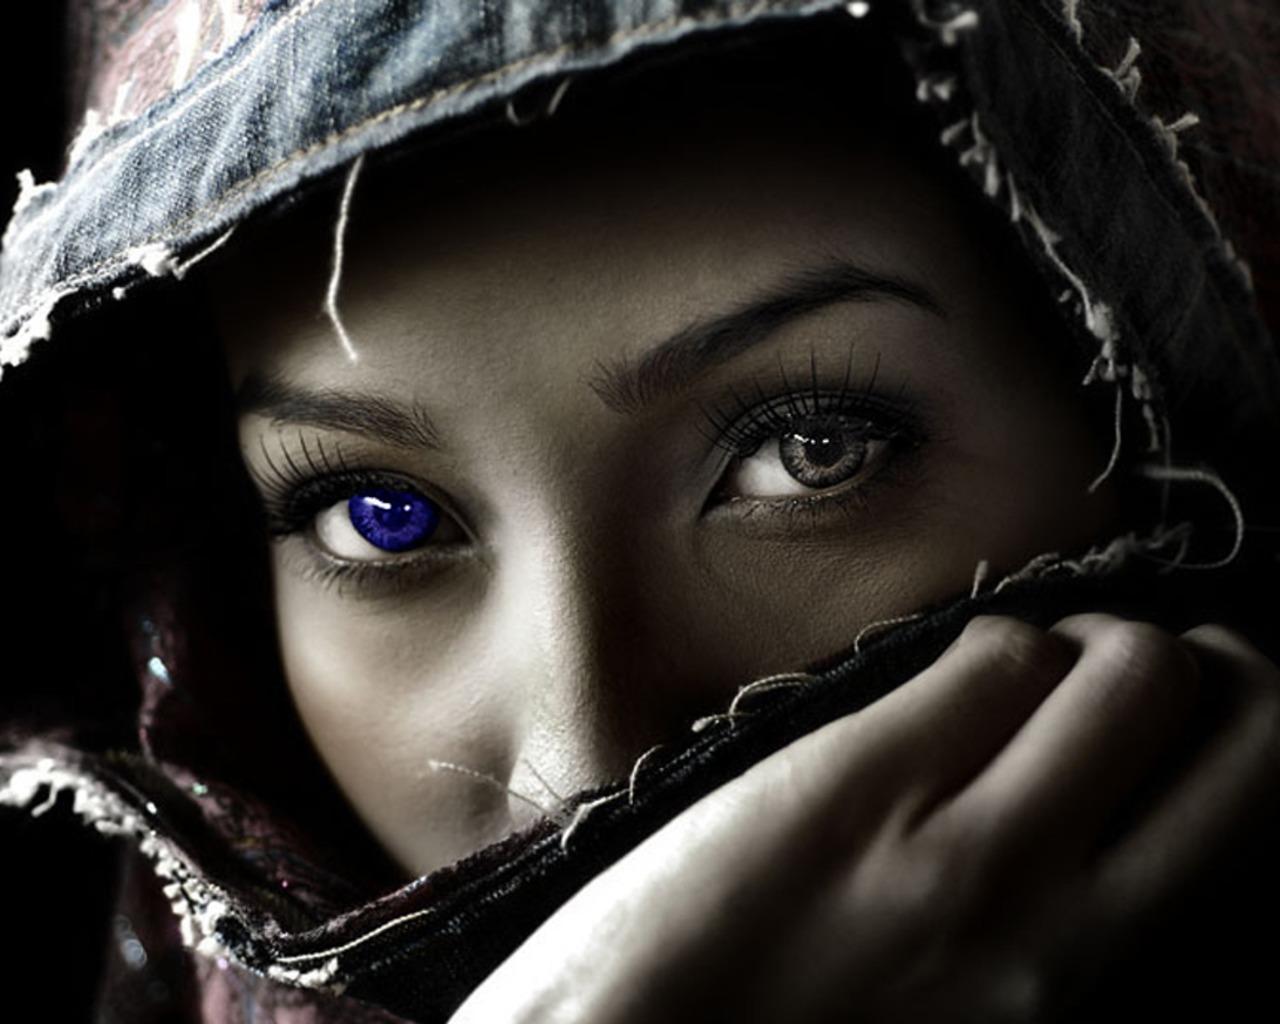 http://2.bp.blogspot.com/-GlzSbULQvsk/Tgd8xKCCQVI/AAAAAAAACG8/W7jSZoUQICA/s1600/rapariga-com-olho-azul-imagens-imagem-de-fundo-wallpaper-para-pc-computador-tela-gratis-ambiente-de-trabalho.jpg